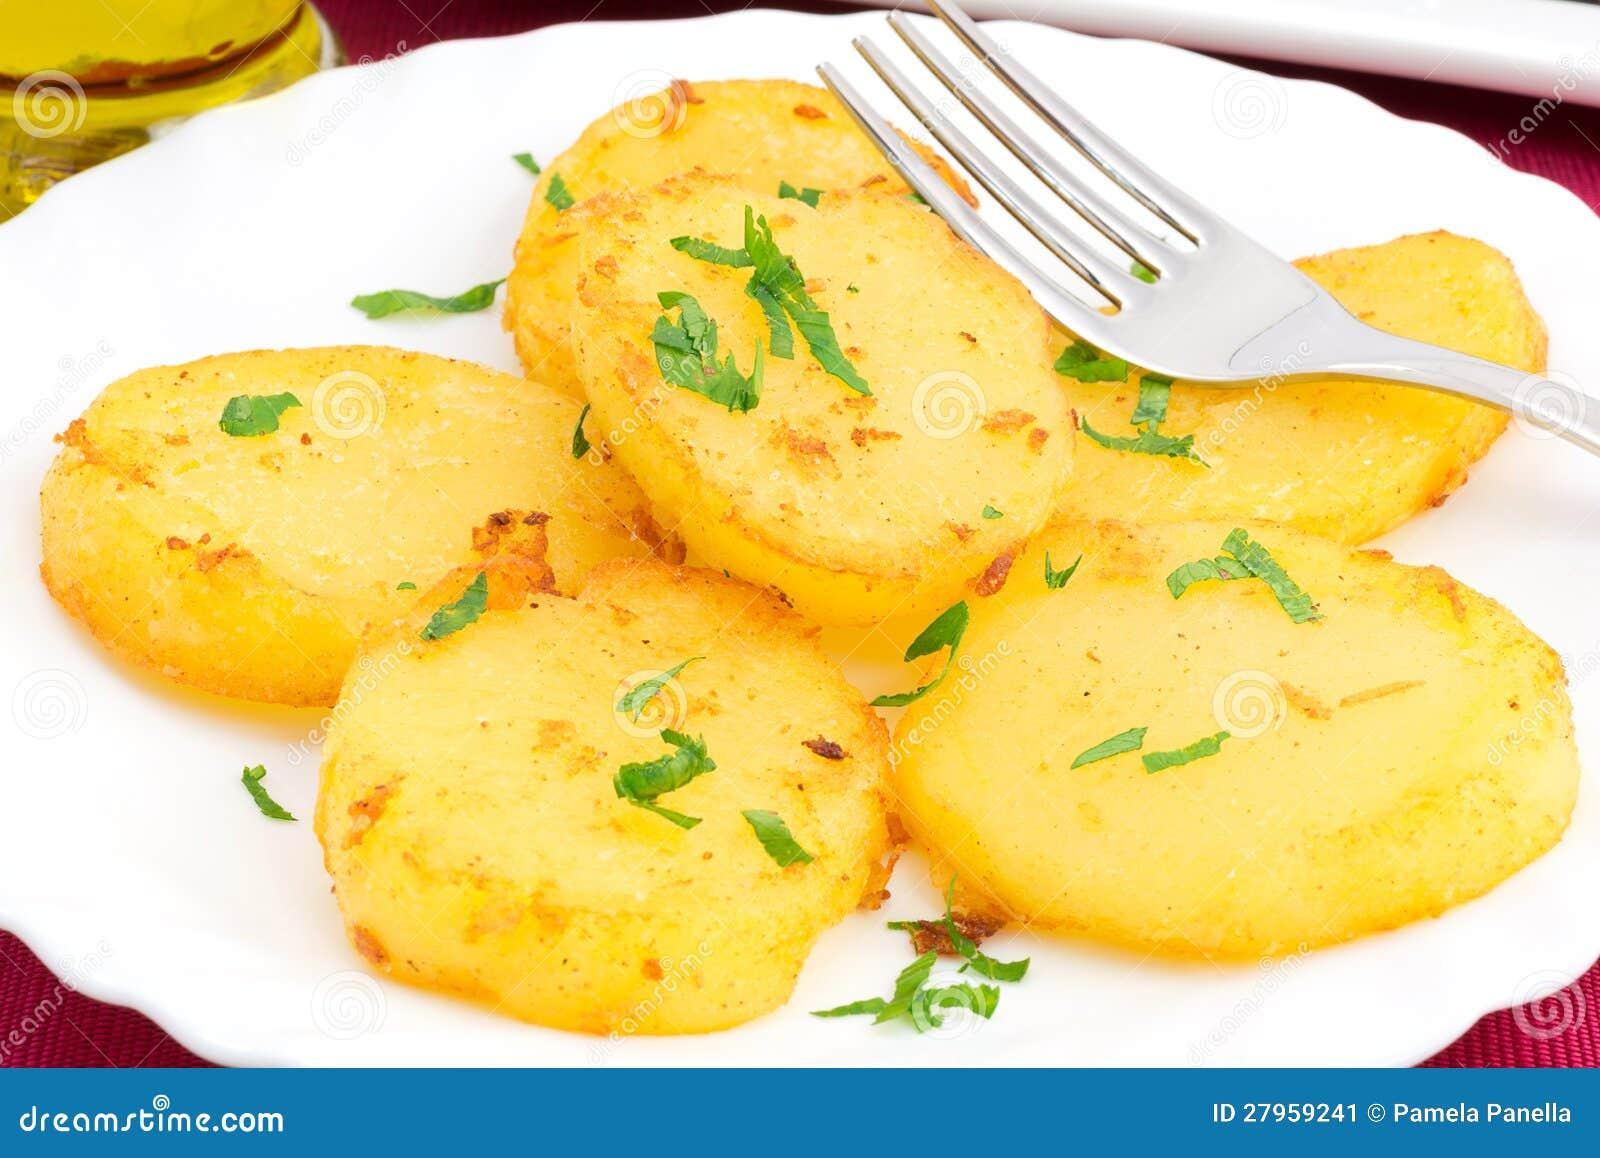 土豆磨擦用黄油和荷兰芹.图片